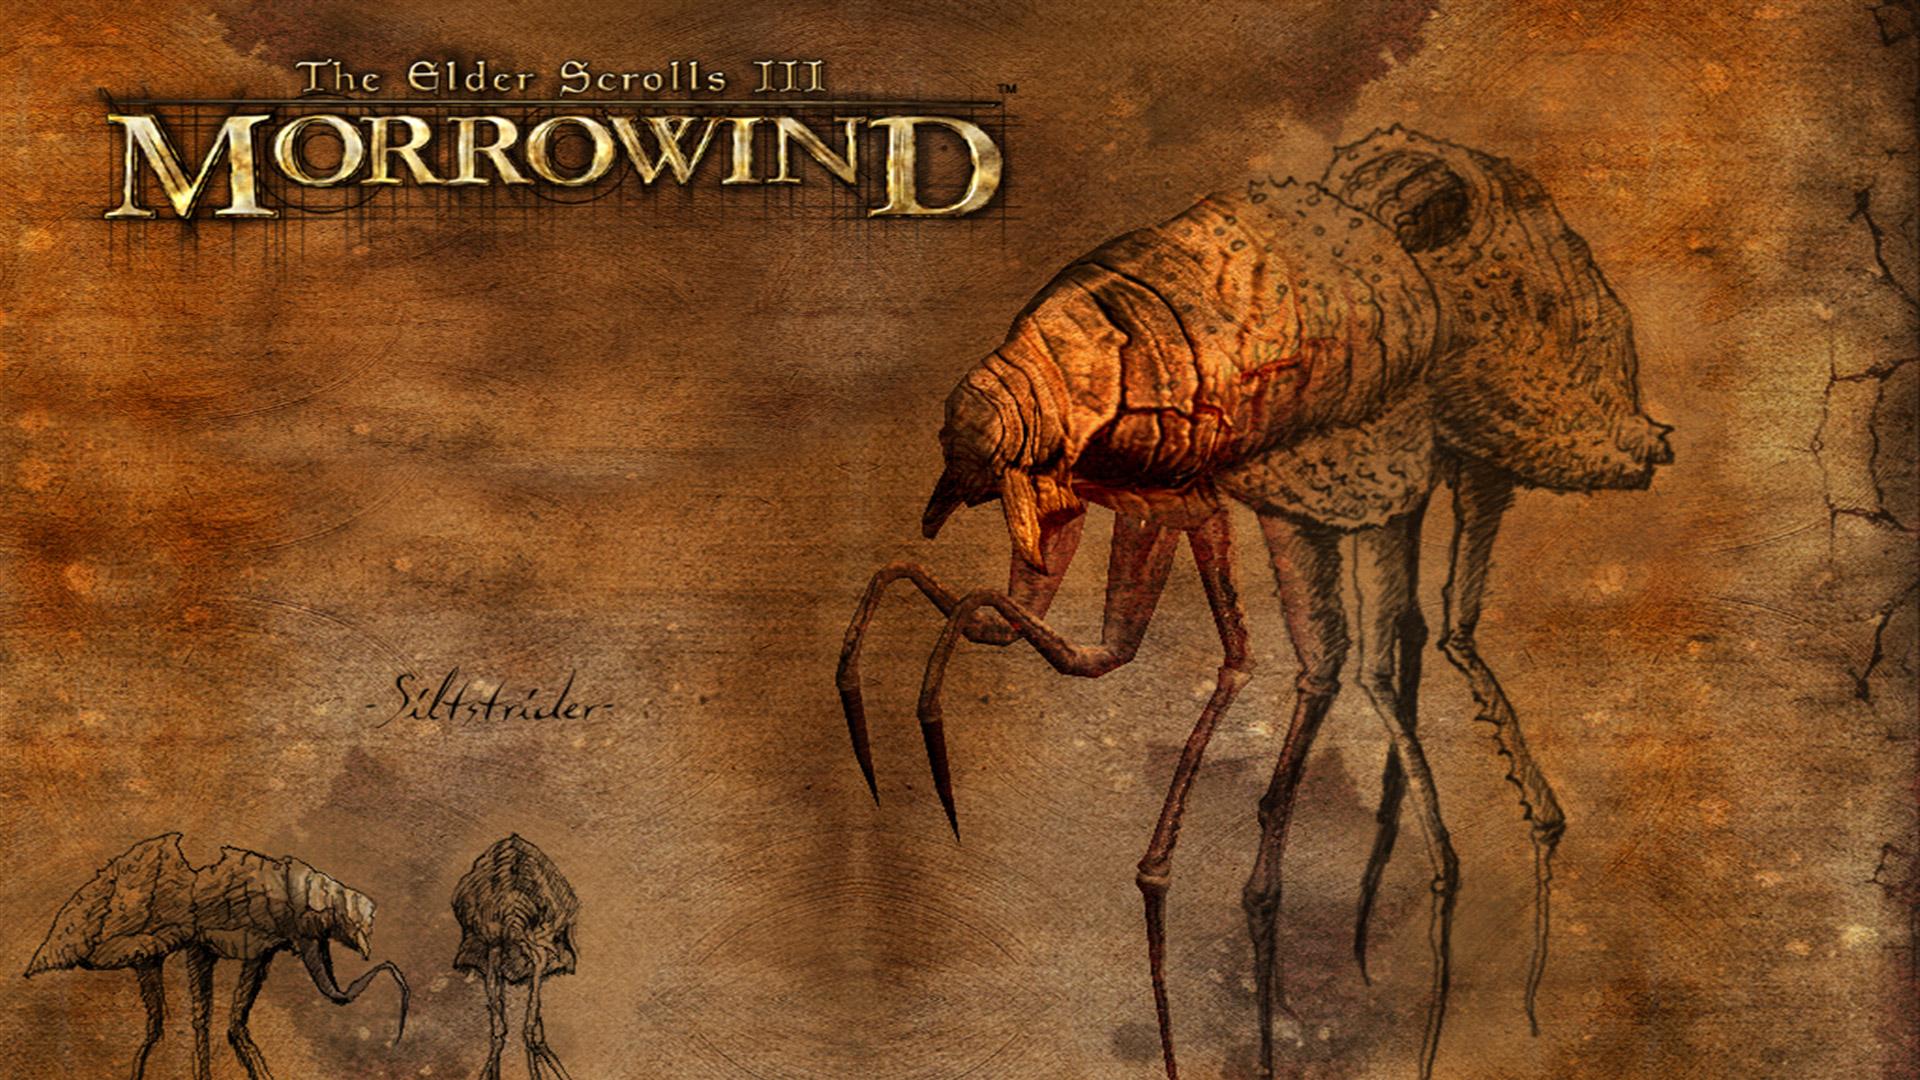 The Elder Scrolls III: Morrowind Wallpaper in 1920x1080